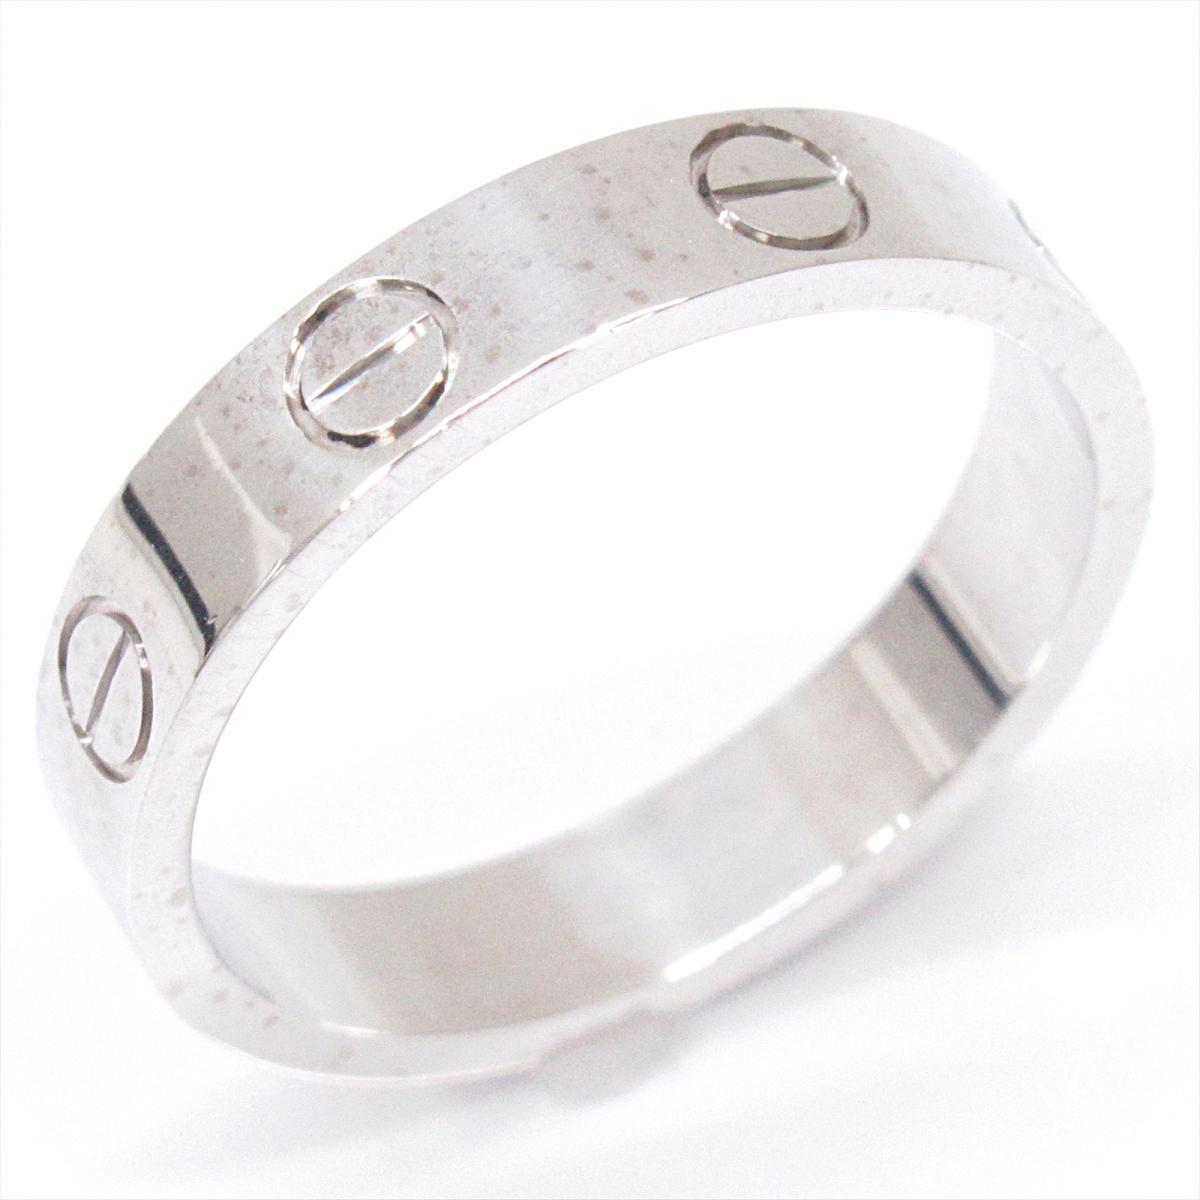 カルティエ ミニラブリング 指輪 ブランドジュエリー メンズ レディース K18WG (750) ホワイトゴールド 【中古】 | Cartier BRANDOFF ブランドオフ ブランド ジュエリー アクセサリー リング